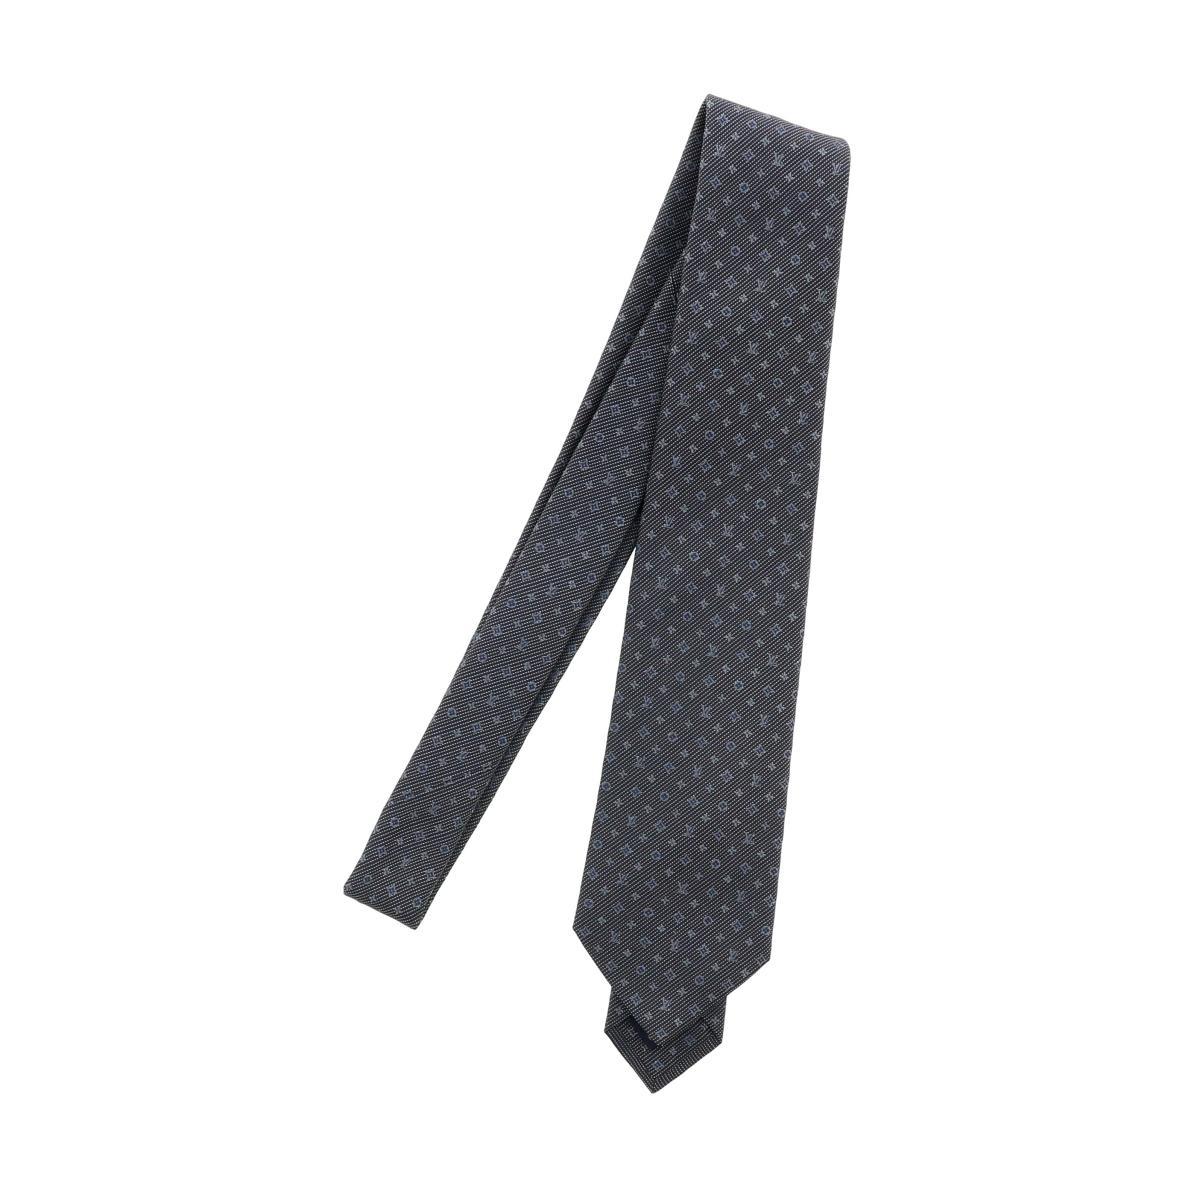 【中古】LOUIS VUITTON (ルイヴィトン) クラヴァット・モノグラム クラシック 8CM 服飾 マフラー/スカーフ/ネクタイ monogram Gray M70952 bnwt:N